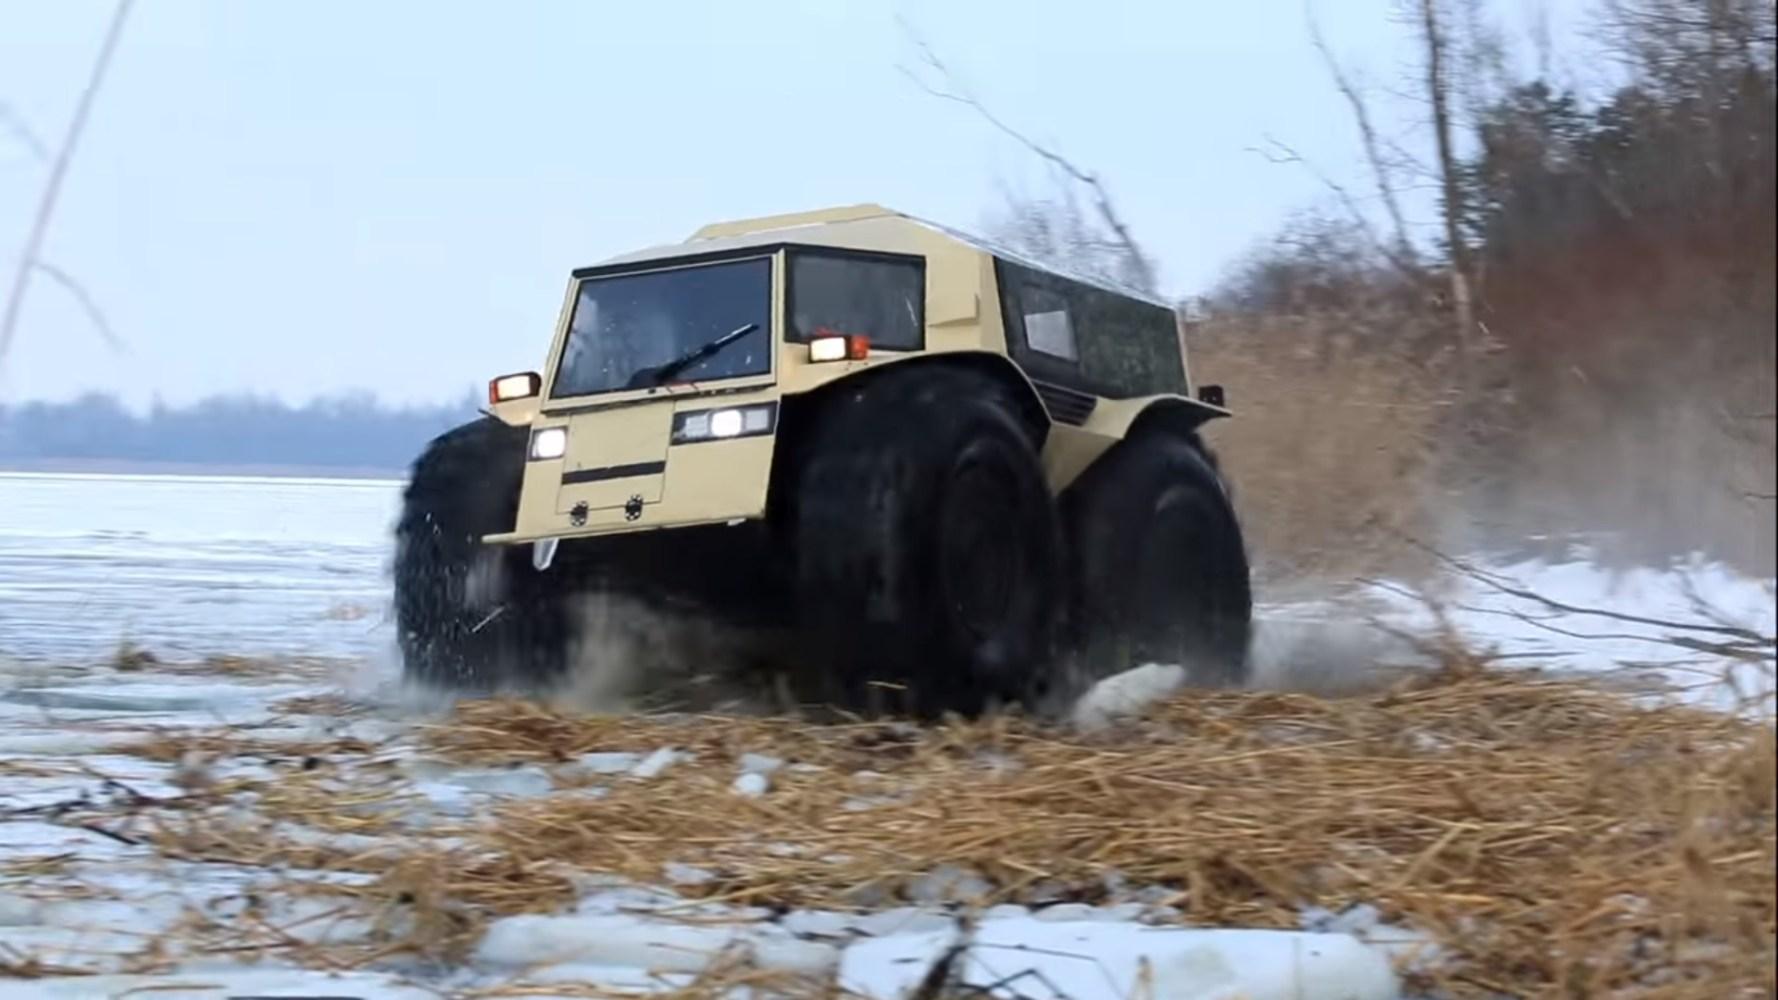 Russos criam veículo perfeito para o apocalipse